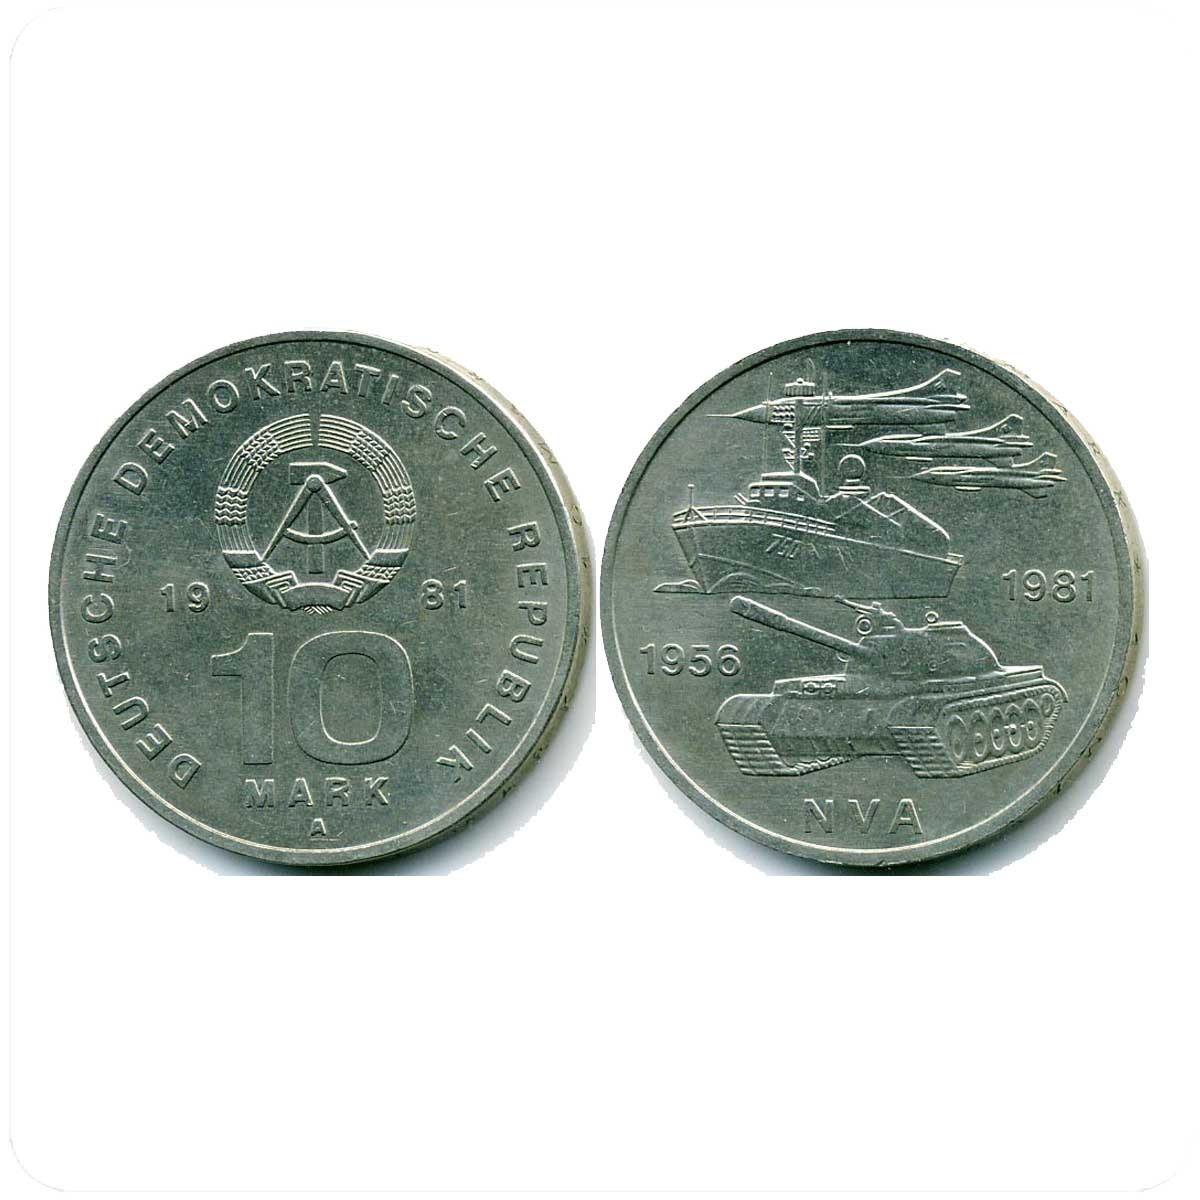 ГДР 10 марок 1981 года 25 лет Национальной Народной армии